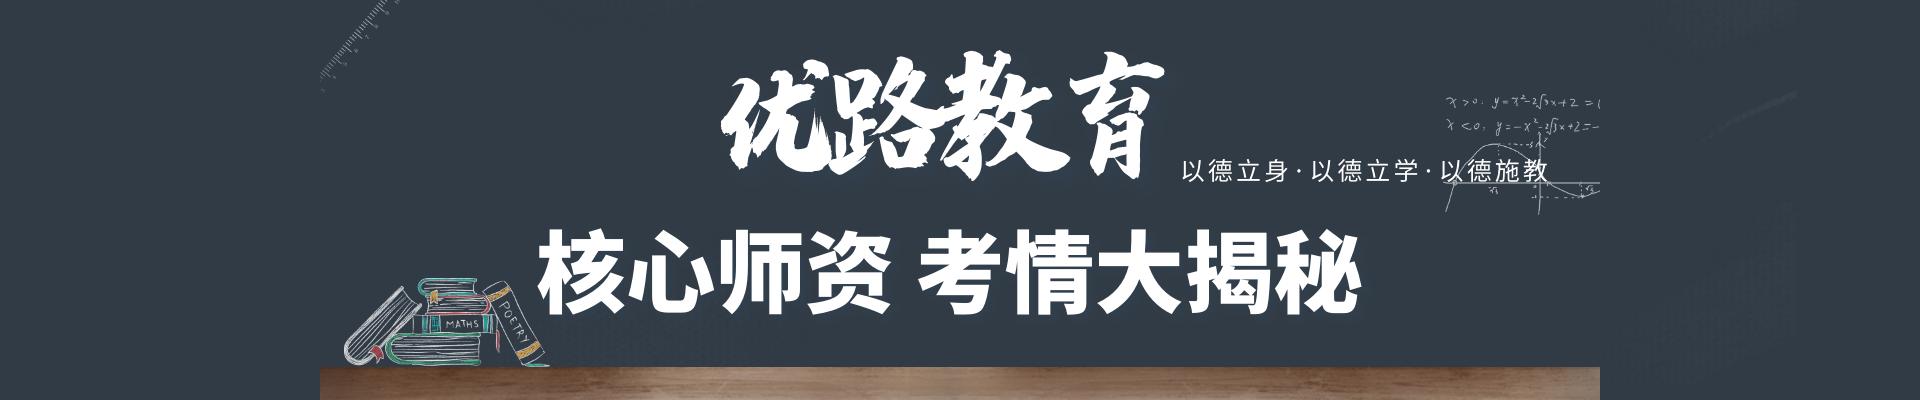 贵州贵阳优路教育培训学校